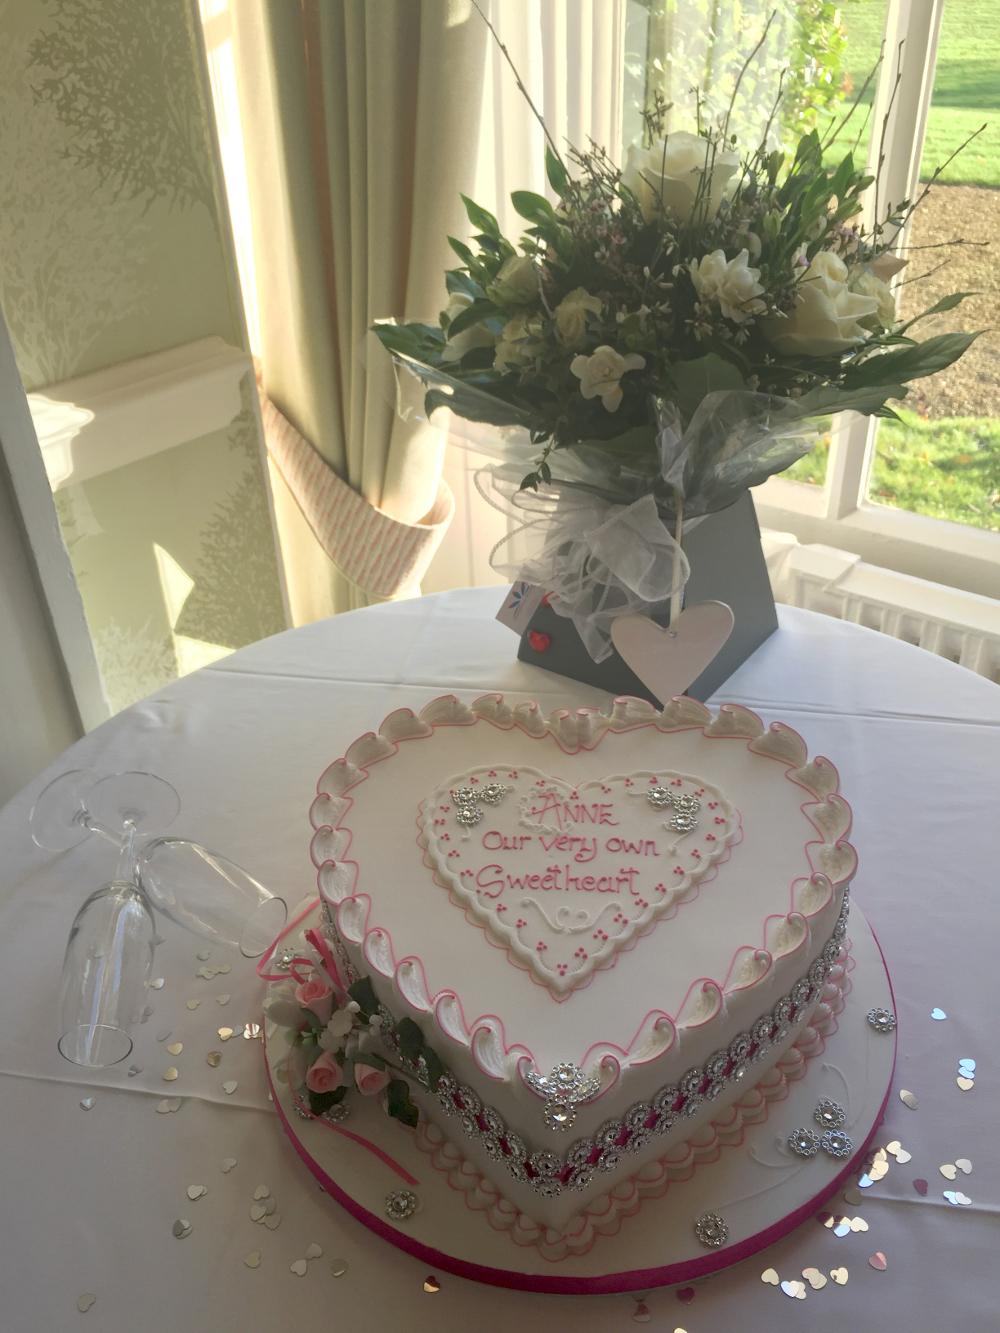 Anne Baldwin's cake